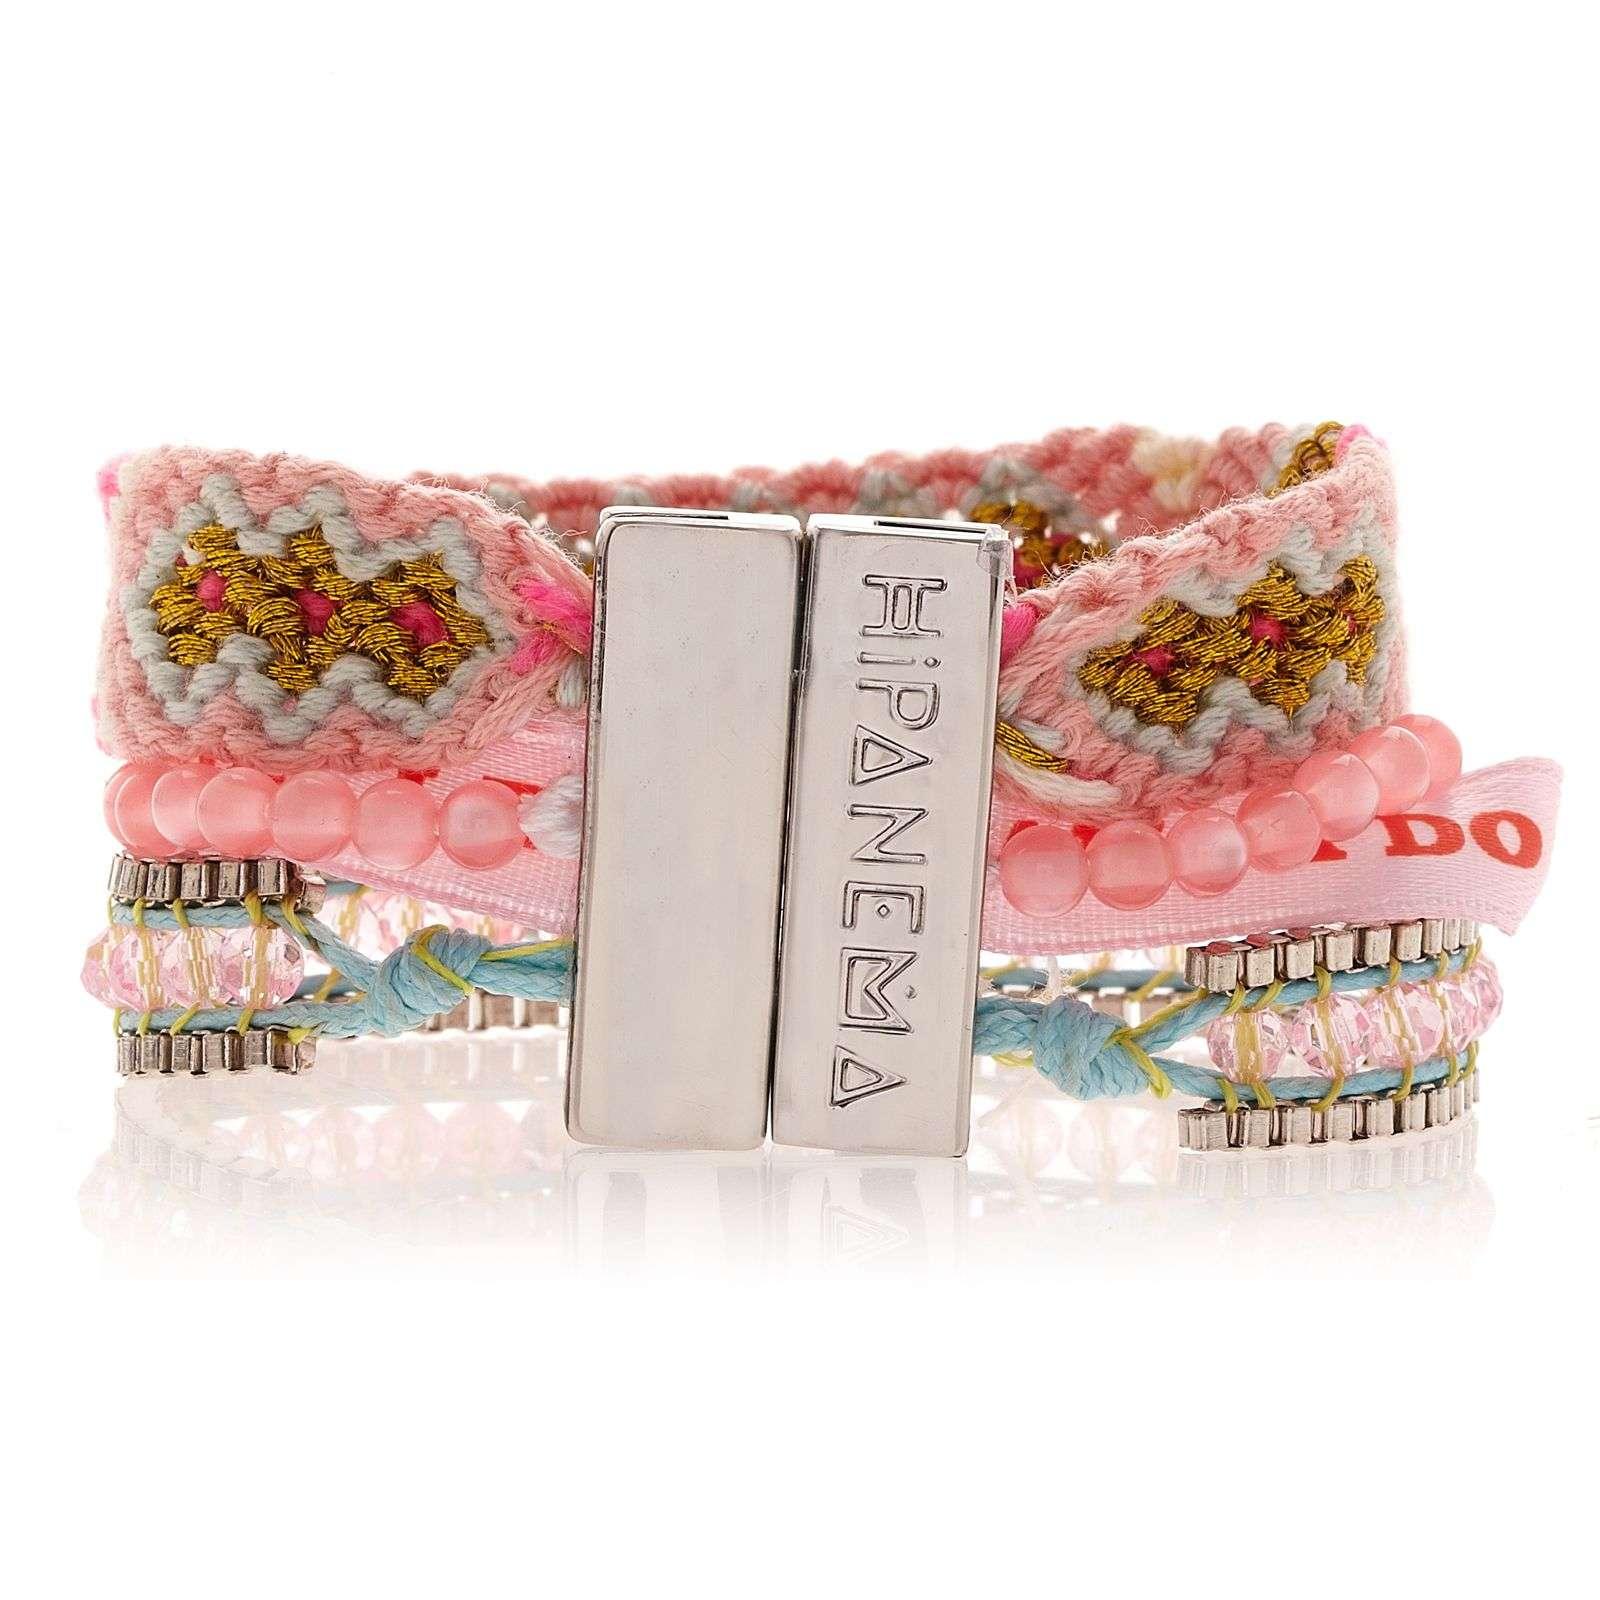 petit bracelet rose clair en perles fils tress s et ruban br silien hipanema mauritius. Black Bedroom Furniture Sets. Home Design Ideas